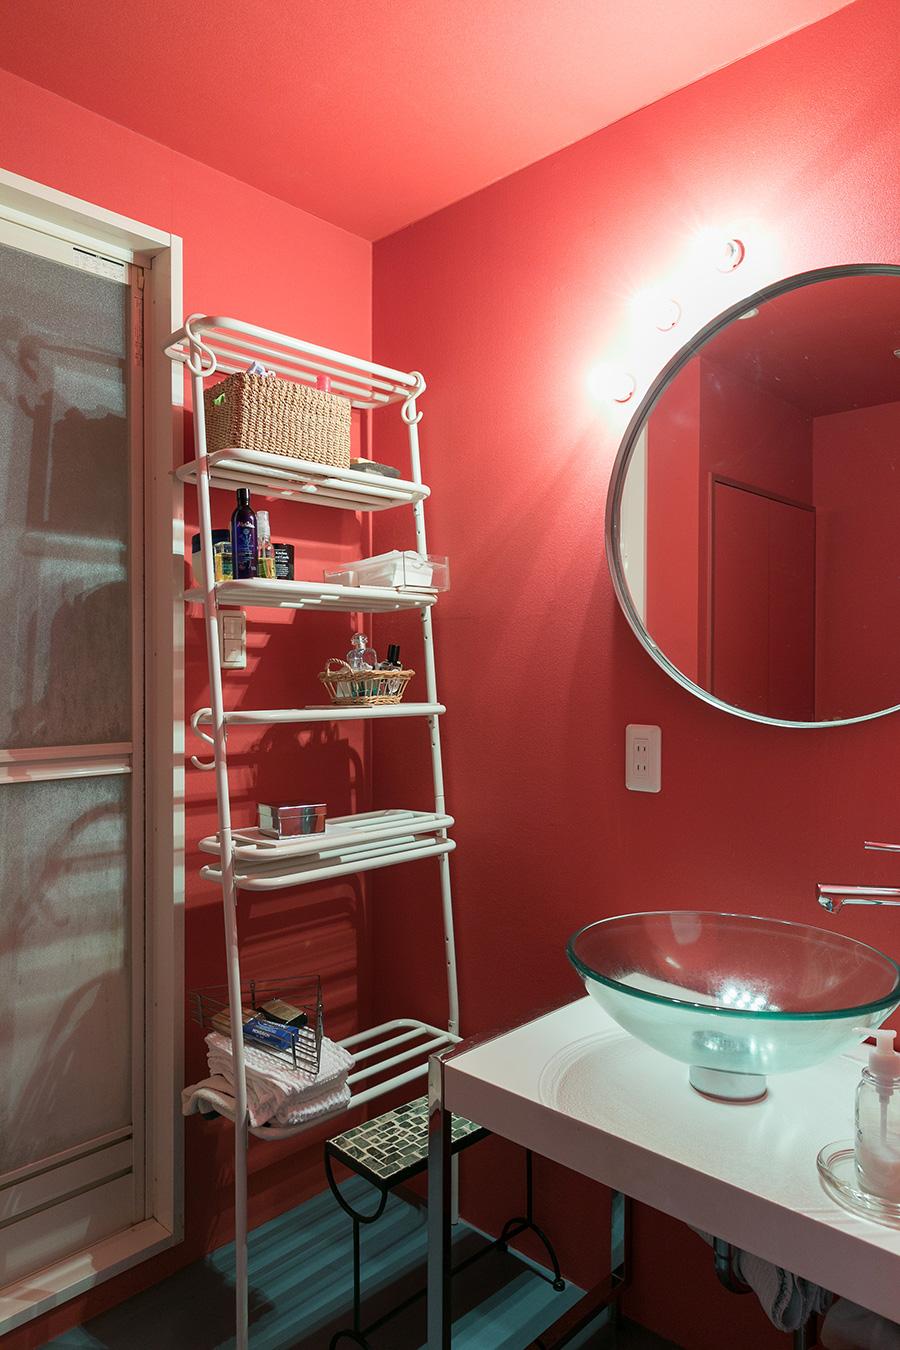 洗面所は、赤を効かせてアーティスティックな雰囲気に。「丸い鏡と三つ並べたランプもお気に入りです」と藤山さん。